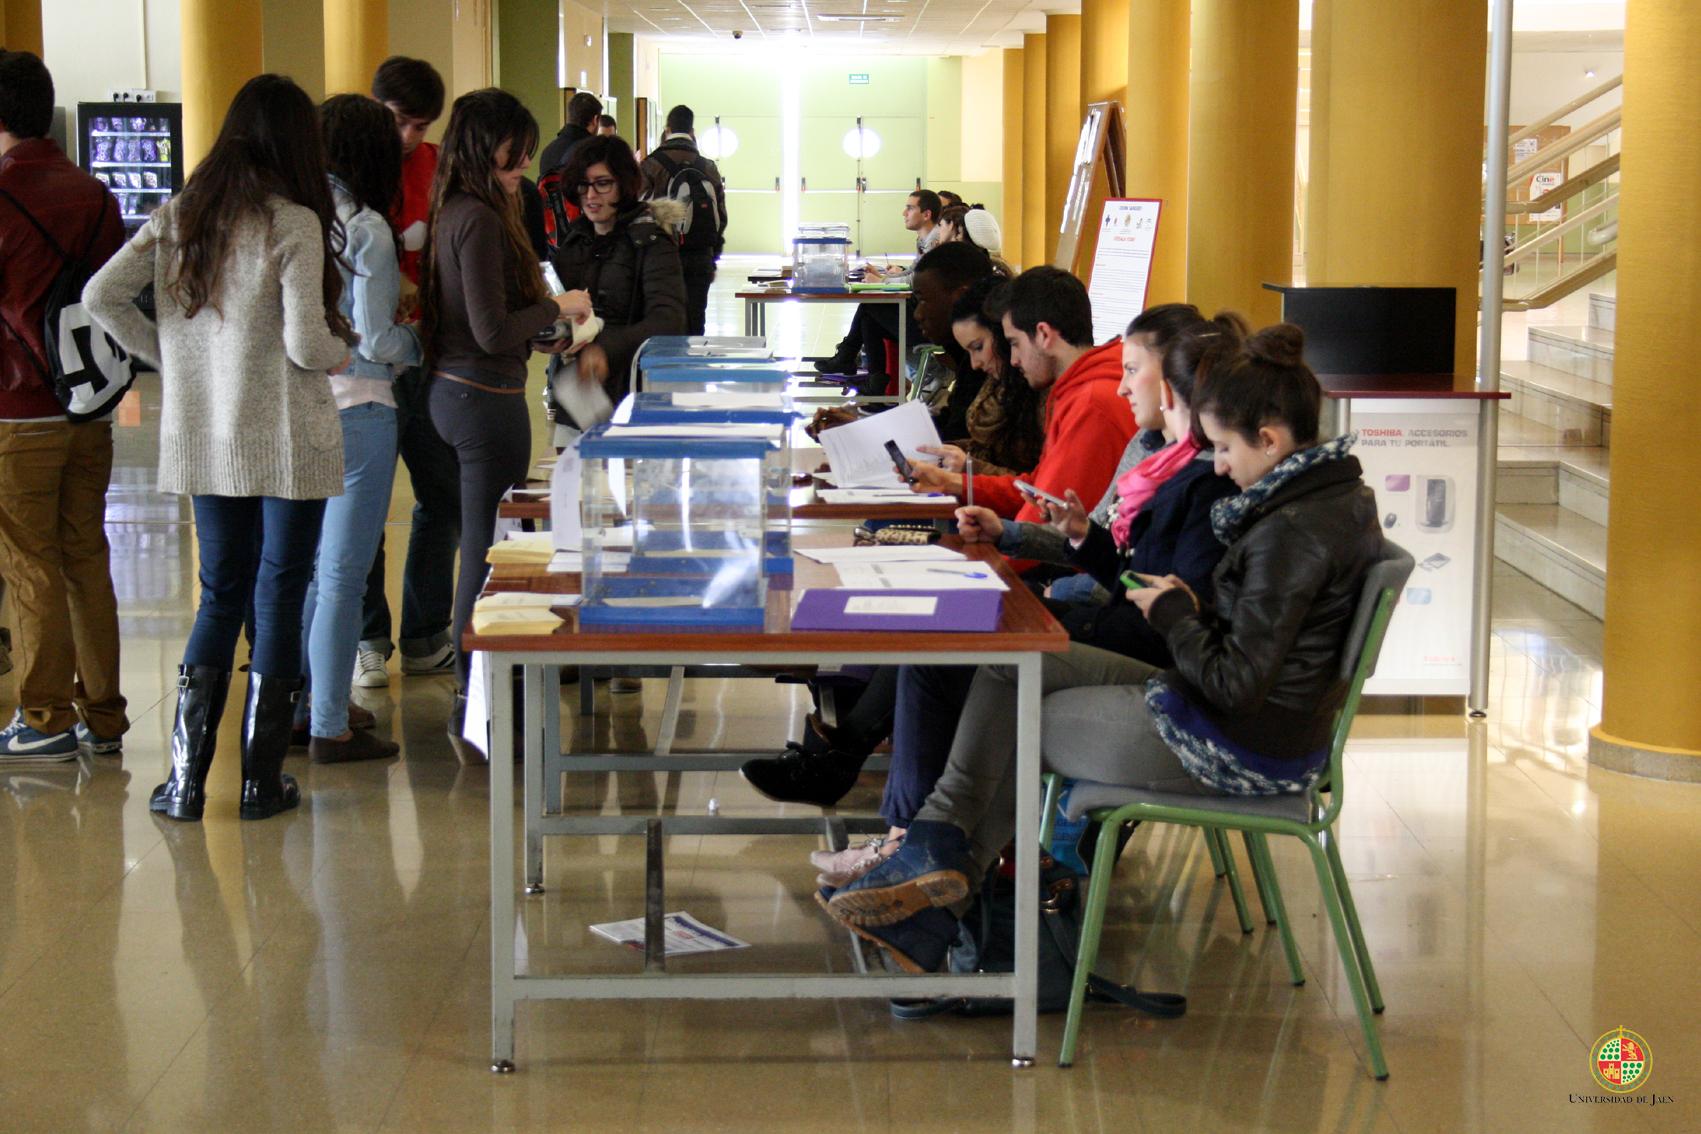 Elecciones Consejo de Estudiantes (18) copia - copia